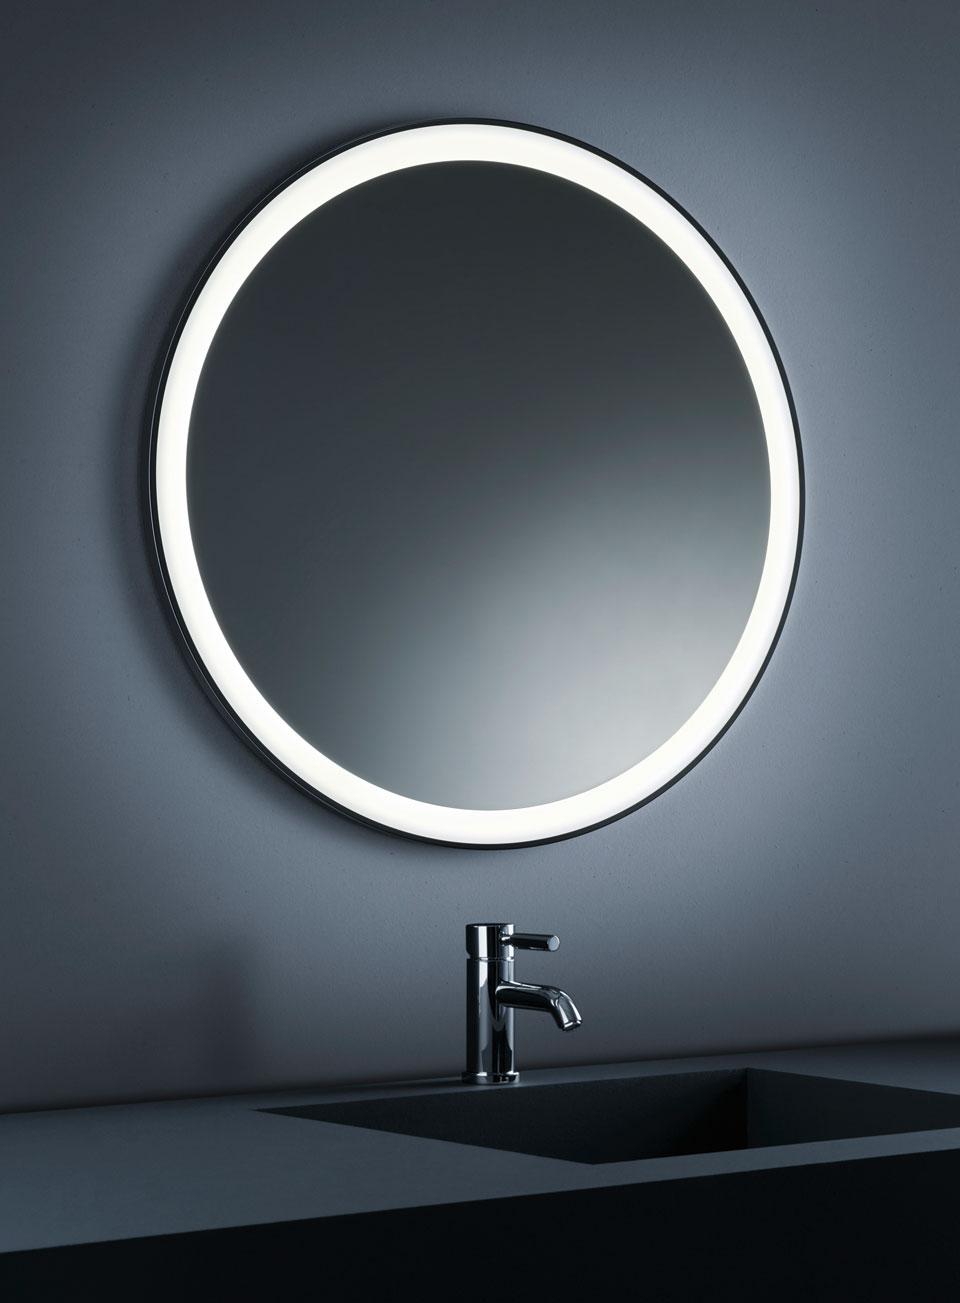 Miroir lumineux de salle de bains rond, inox poli: Baulmann Leuchten ...